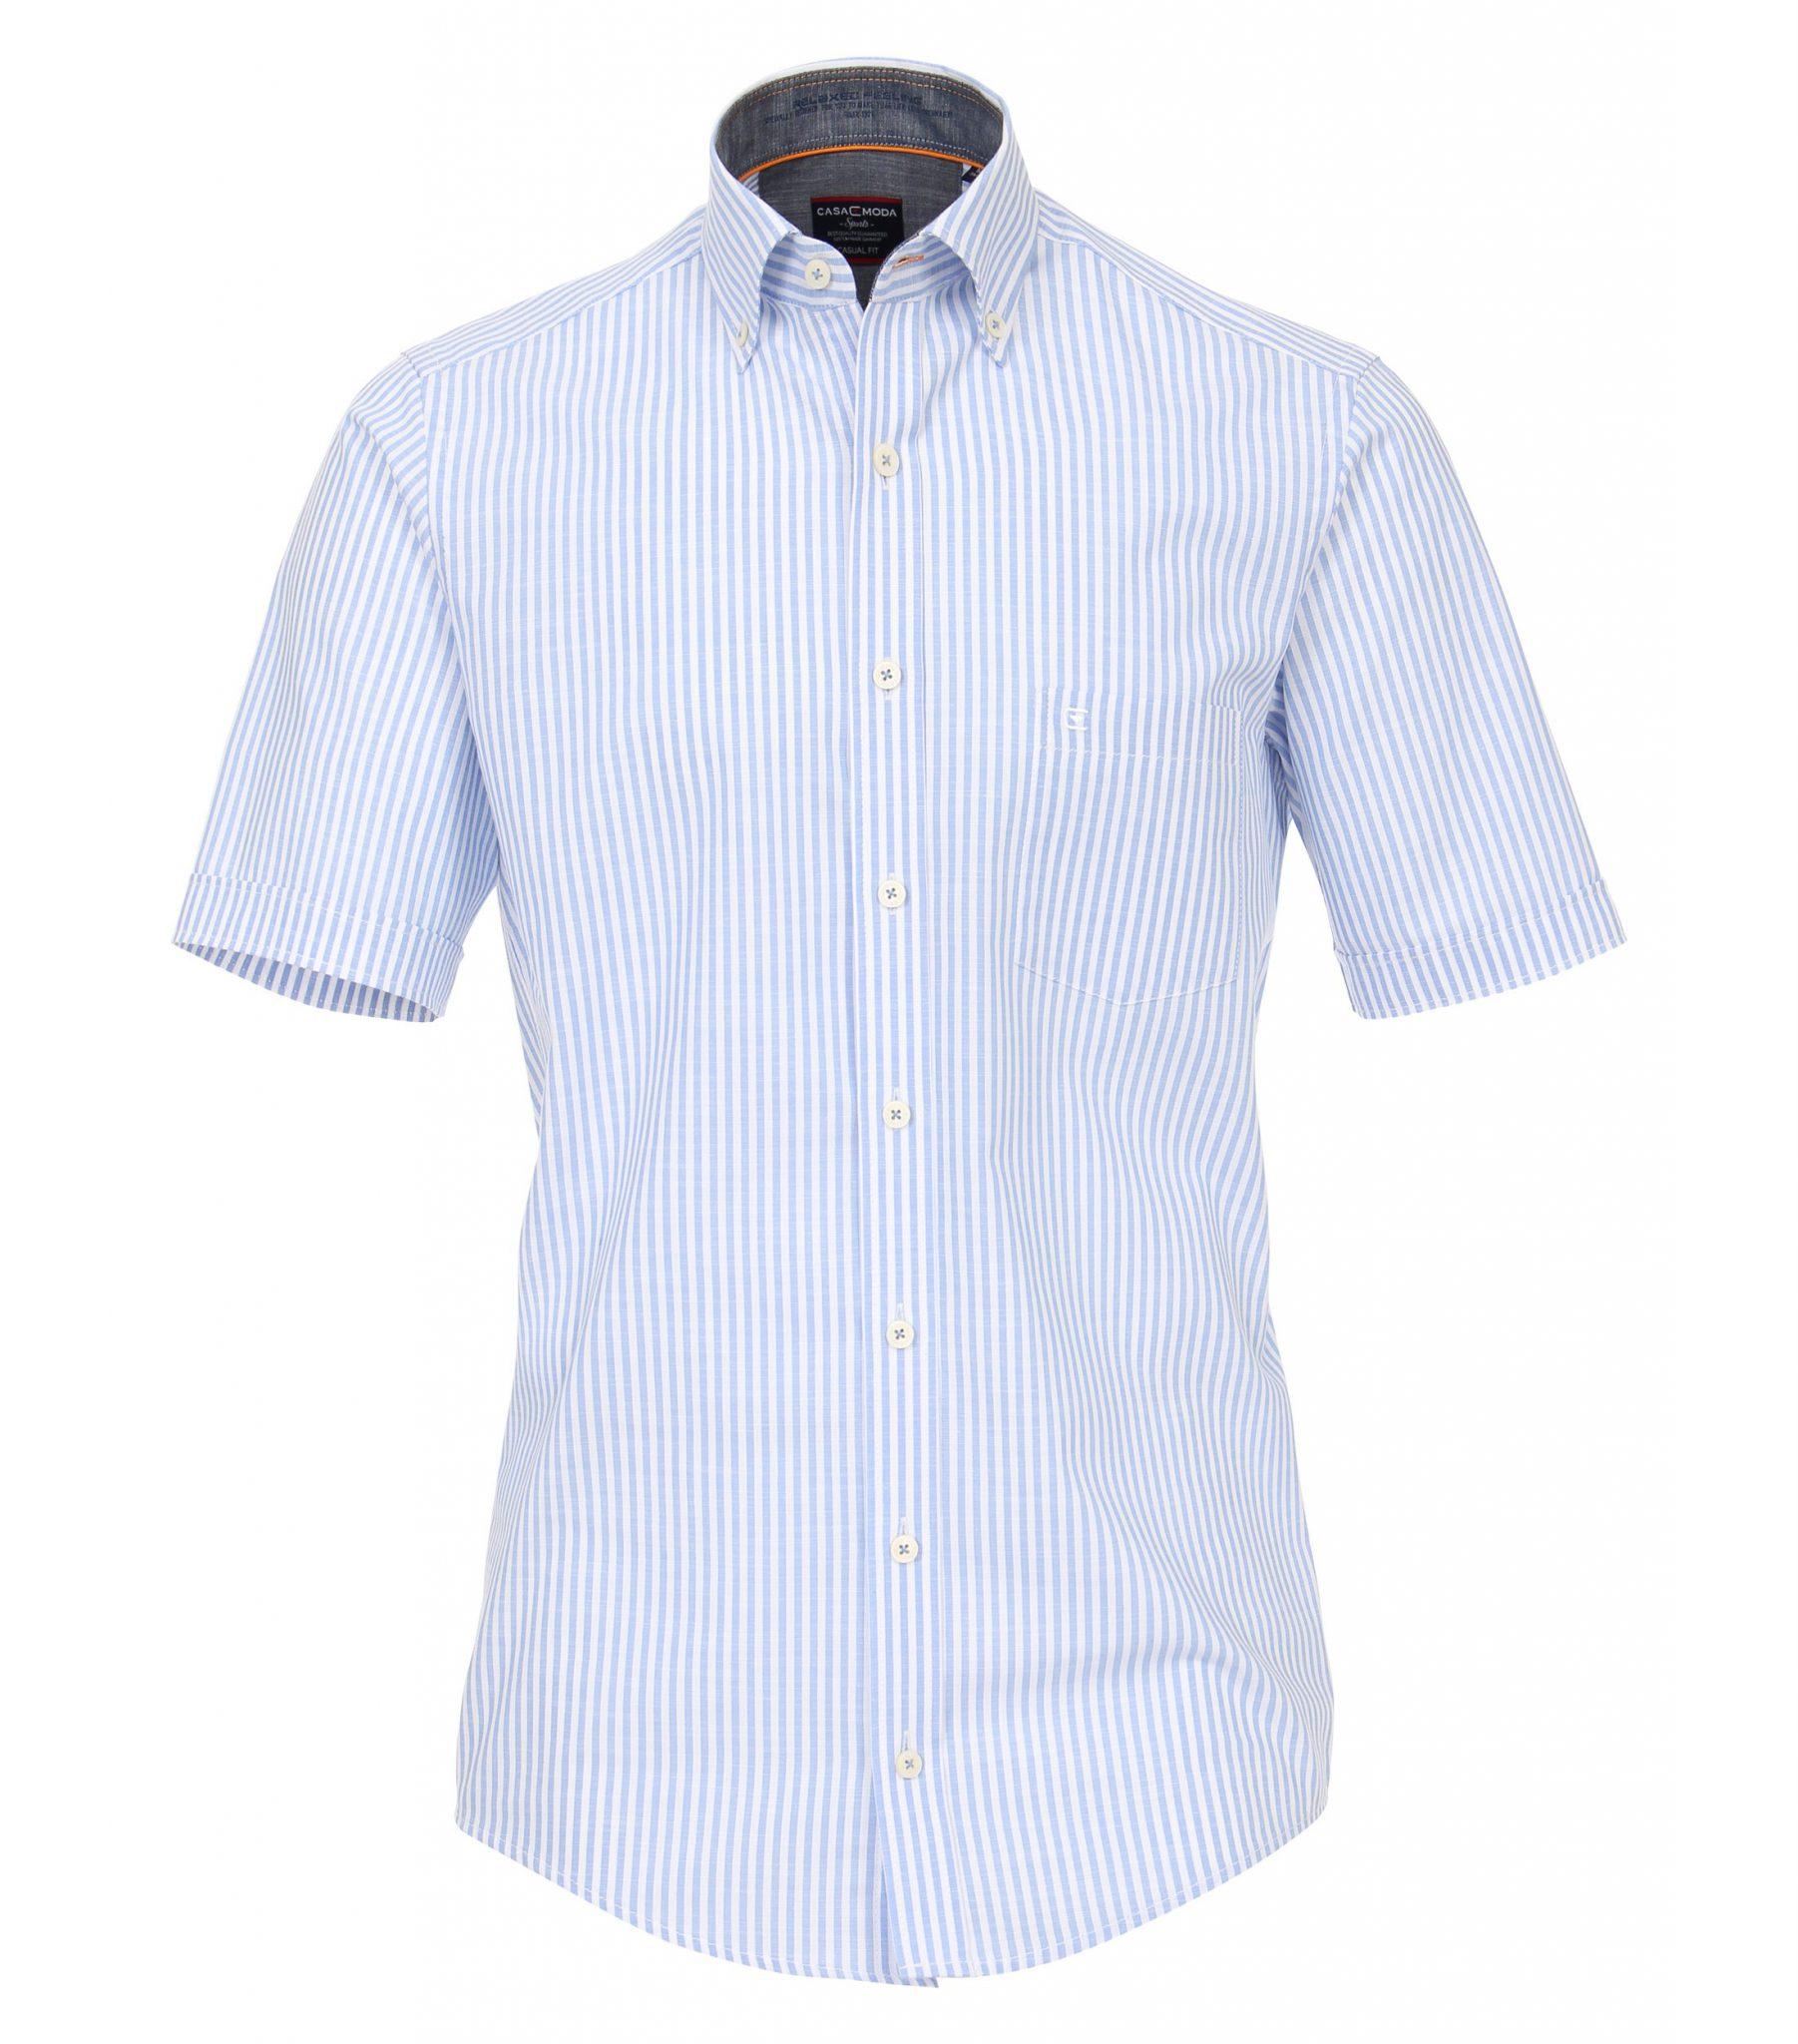 Grote maat Casa Moda overhemd blauw en wit linnen look